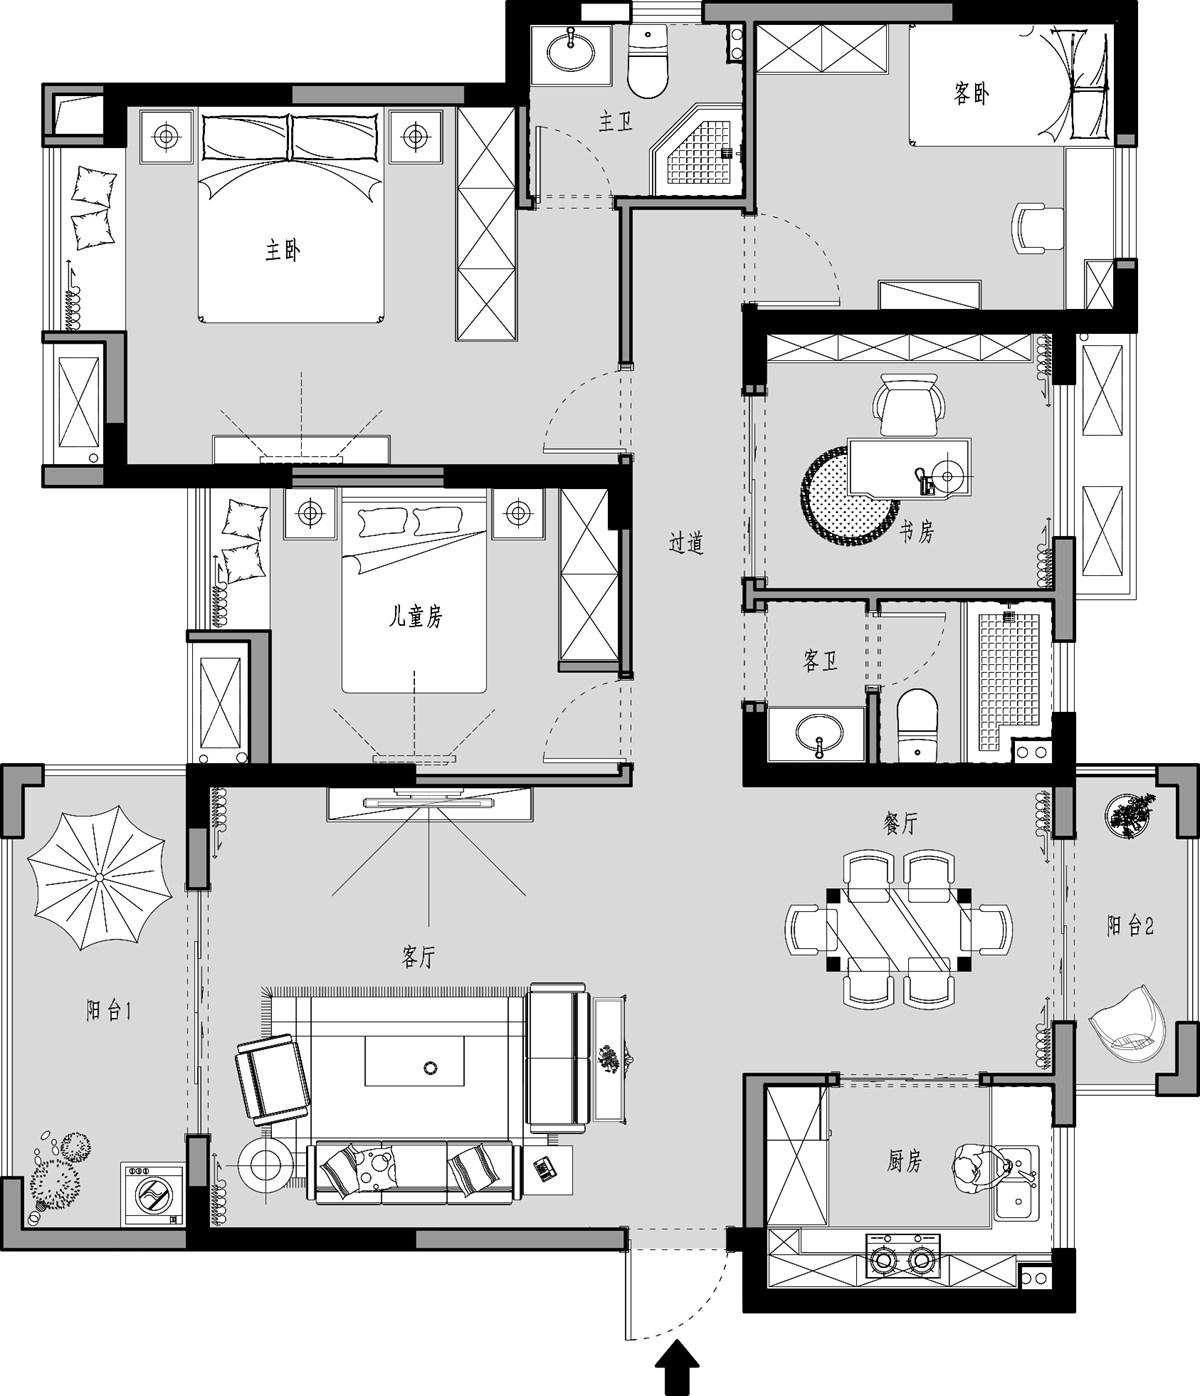 翰林城153m/2美式性状style装潢成果图装潢策划愿景